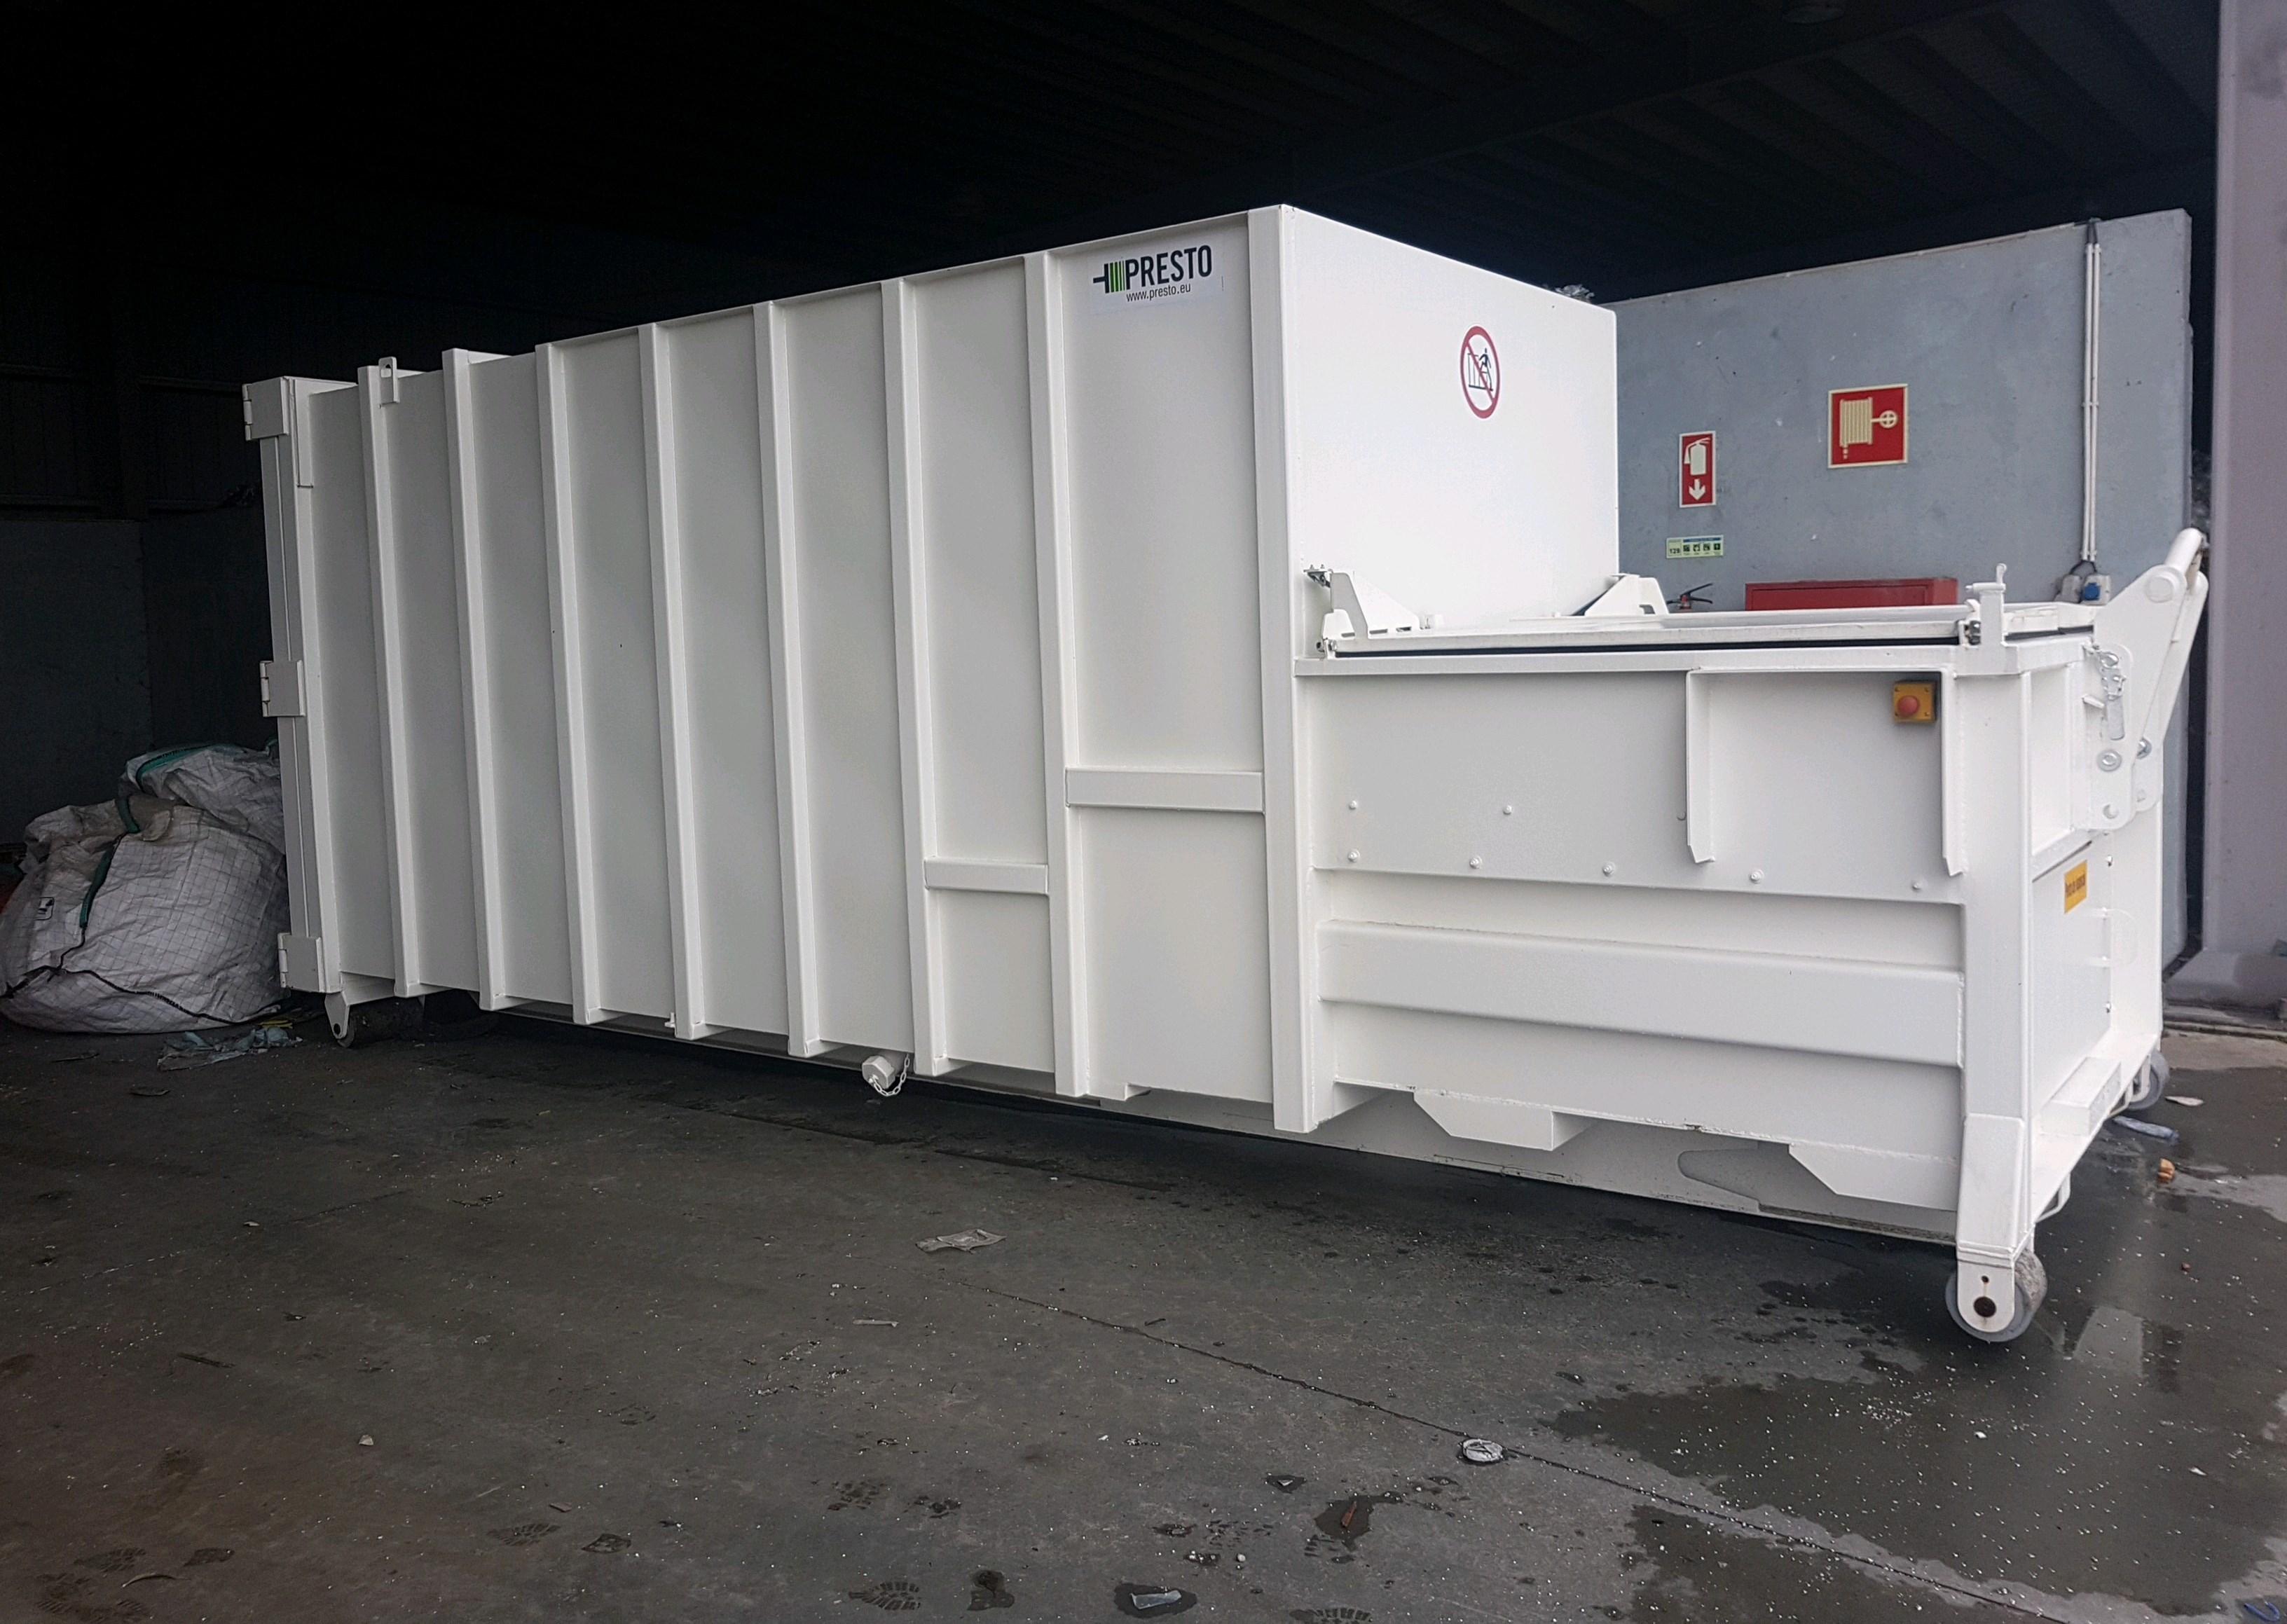 Câmara Municipal de Vizela e Resinorte iniciam recolha porta a porta no comércio e instalam autocompactador para a recolha de resíduos seletivos